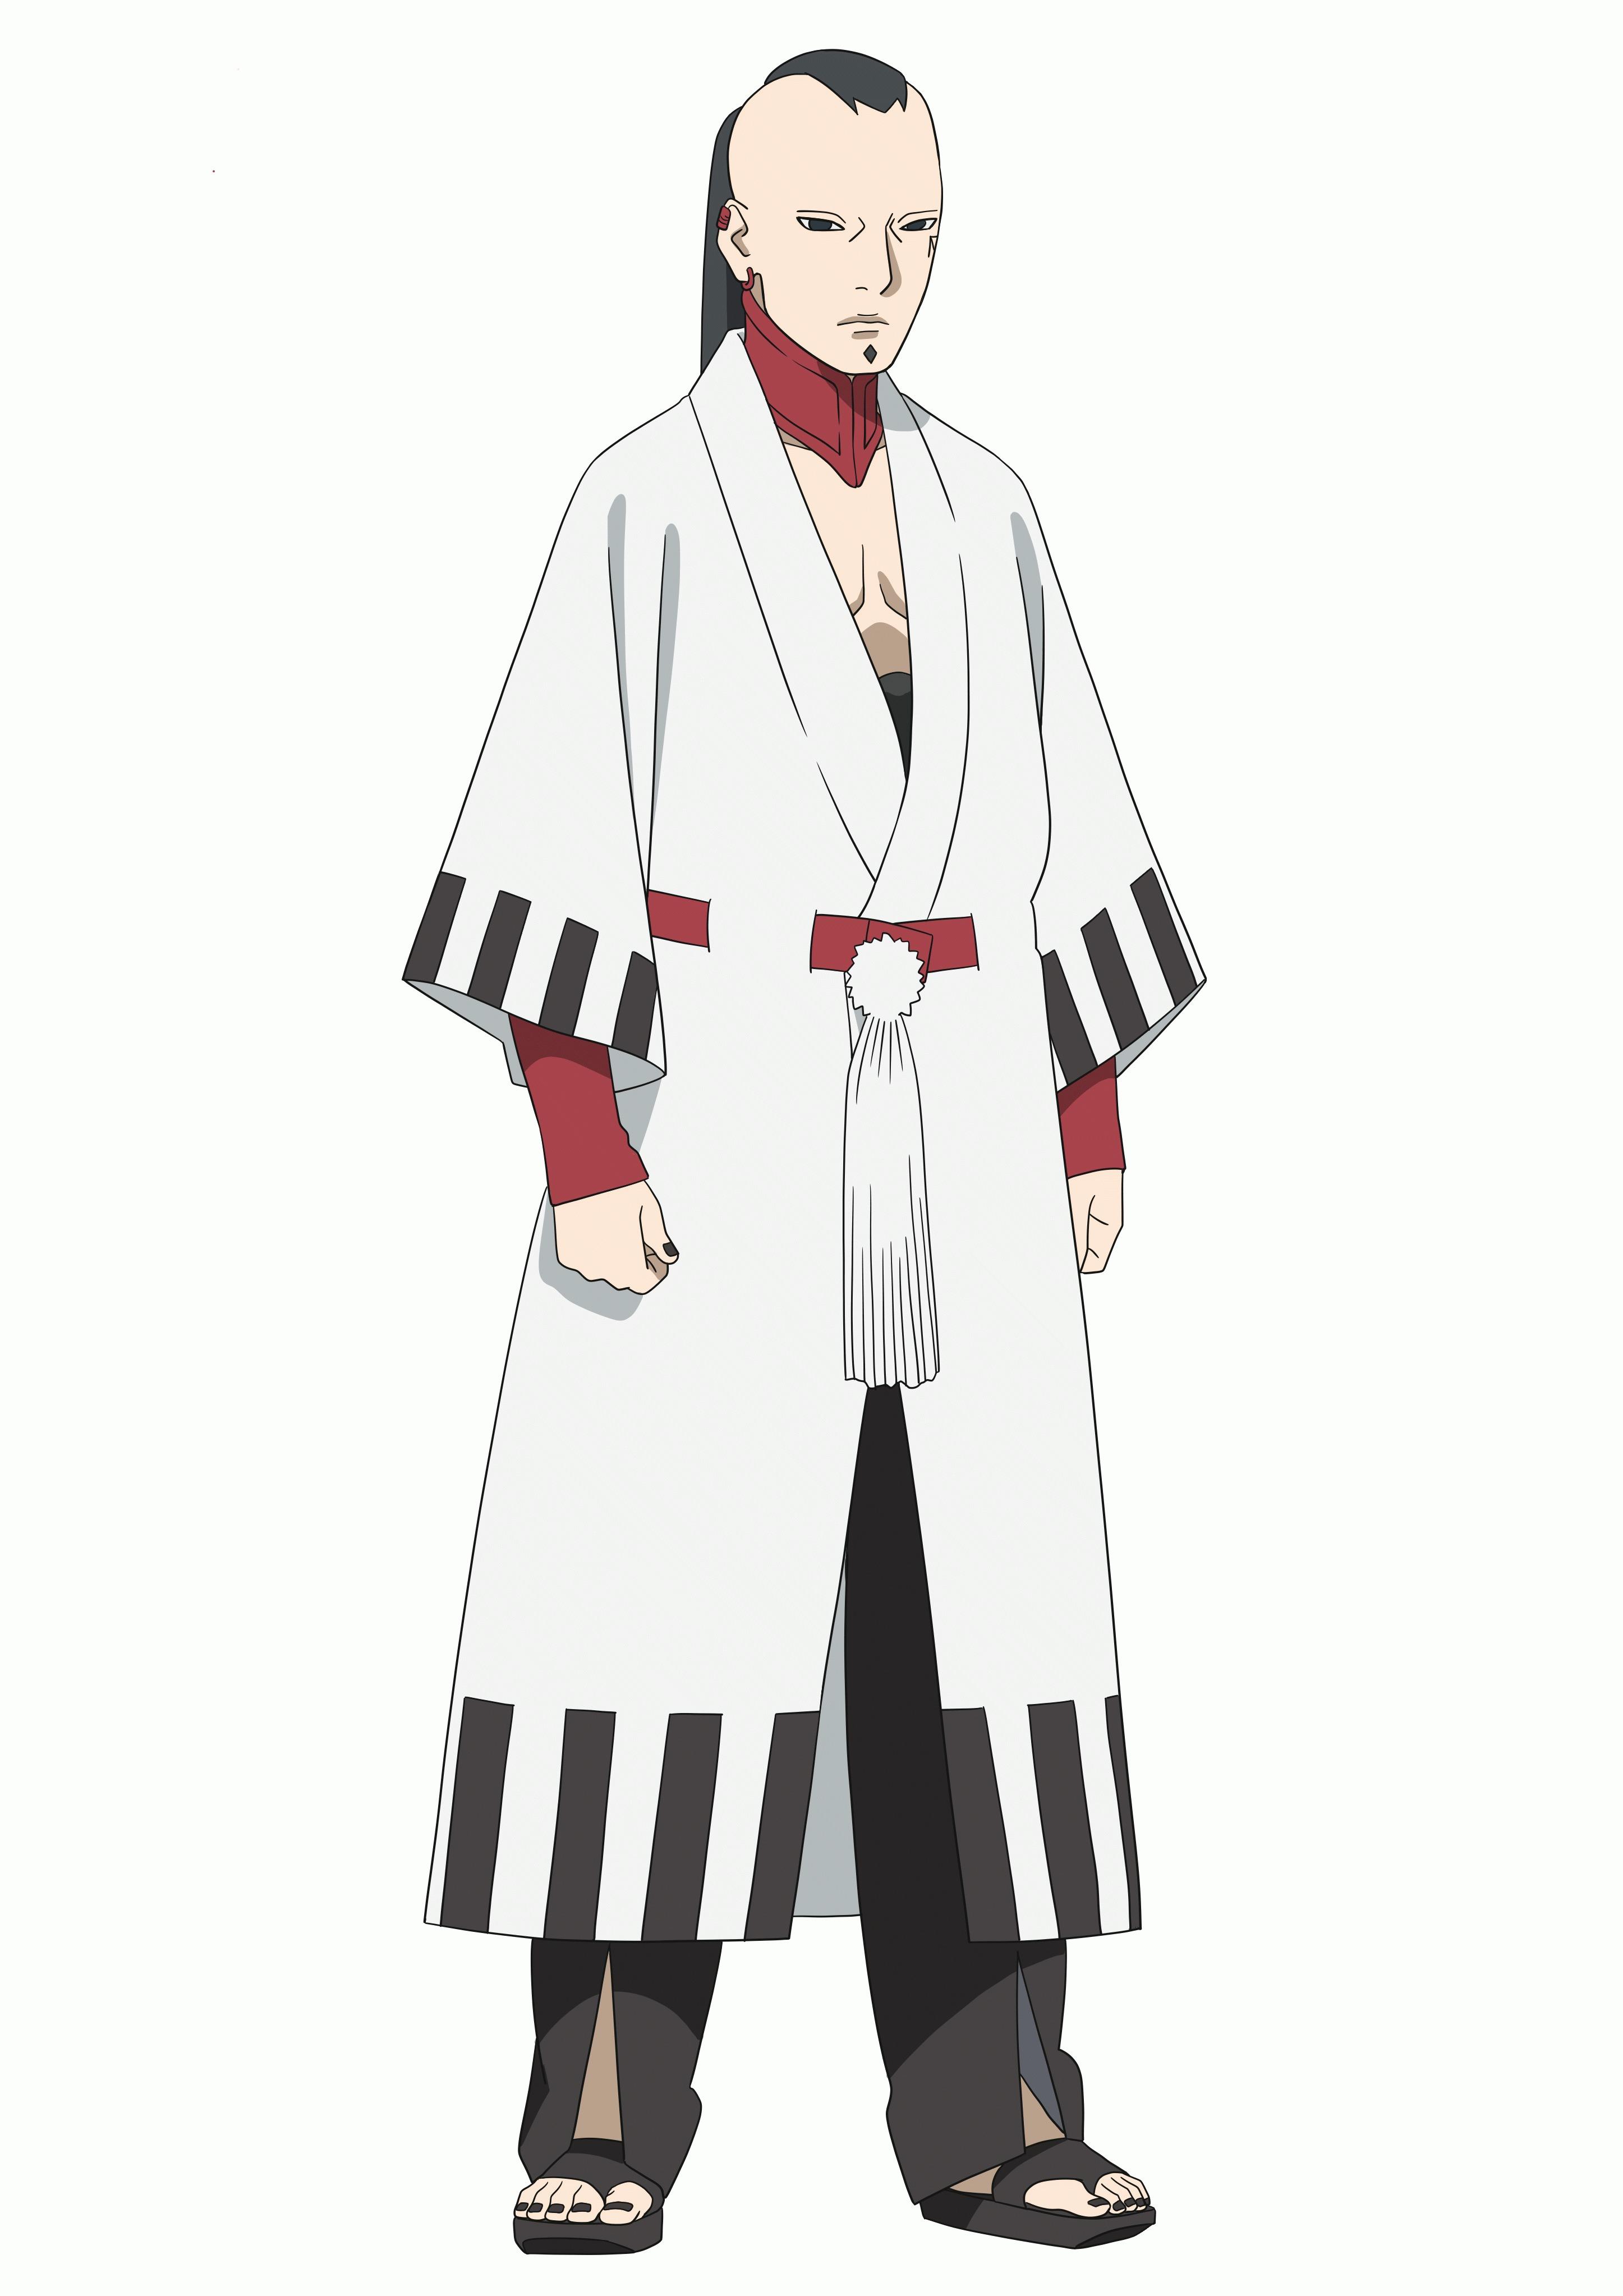 ジゲン(CV:津田健次郎)謎の組織「殻」のリーダー。 そのすべては謎に包まれていて、 ボルトの運命に大きく関わっていく。